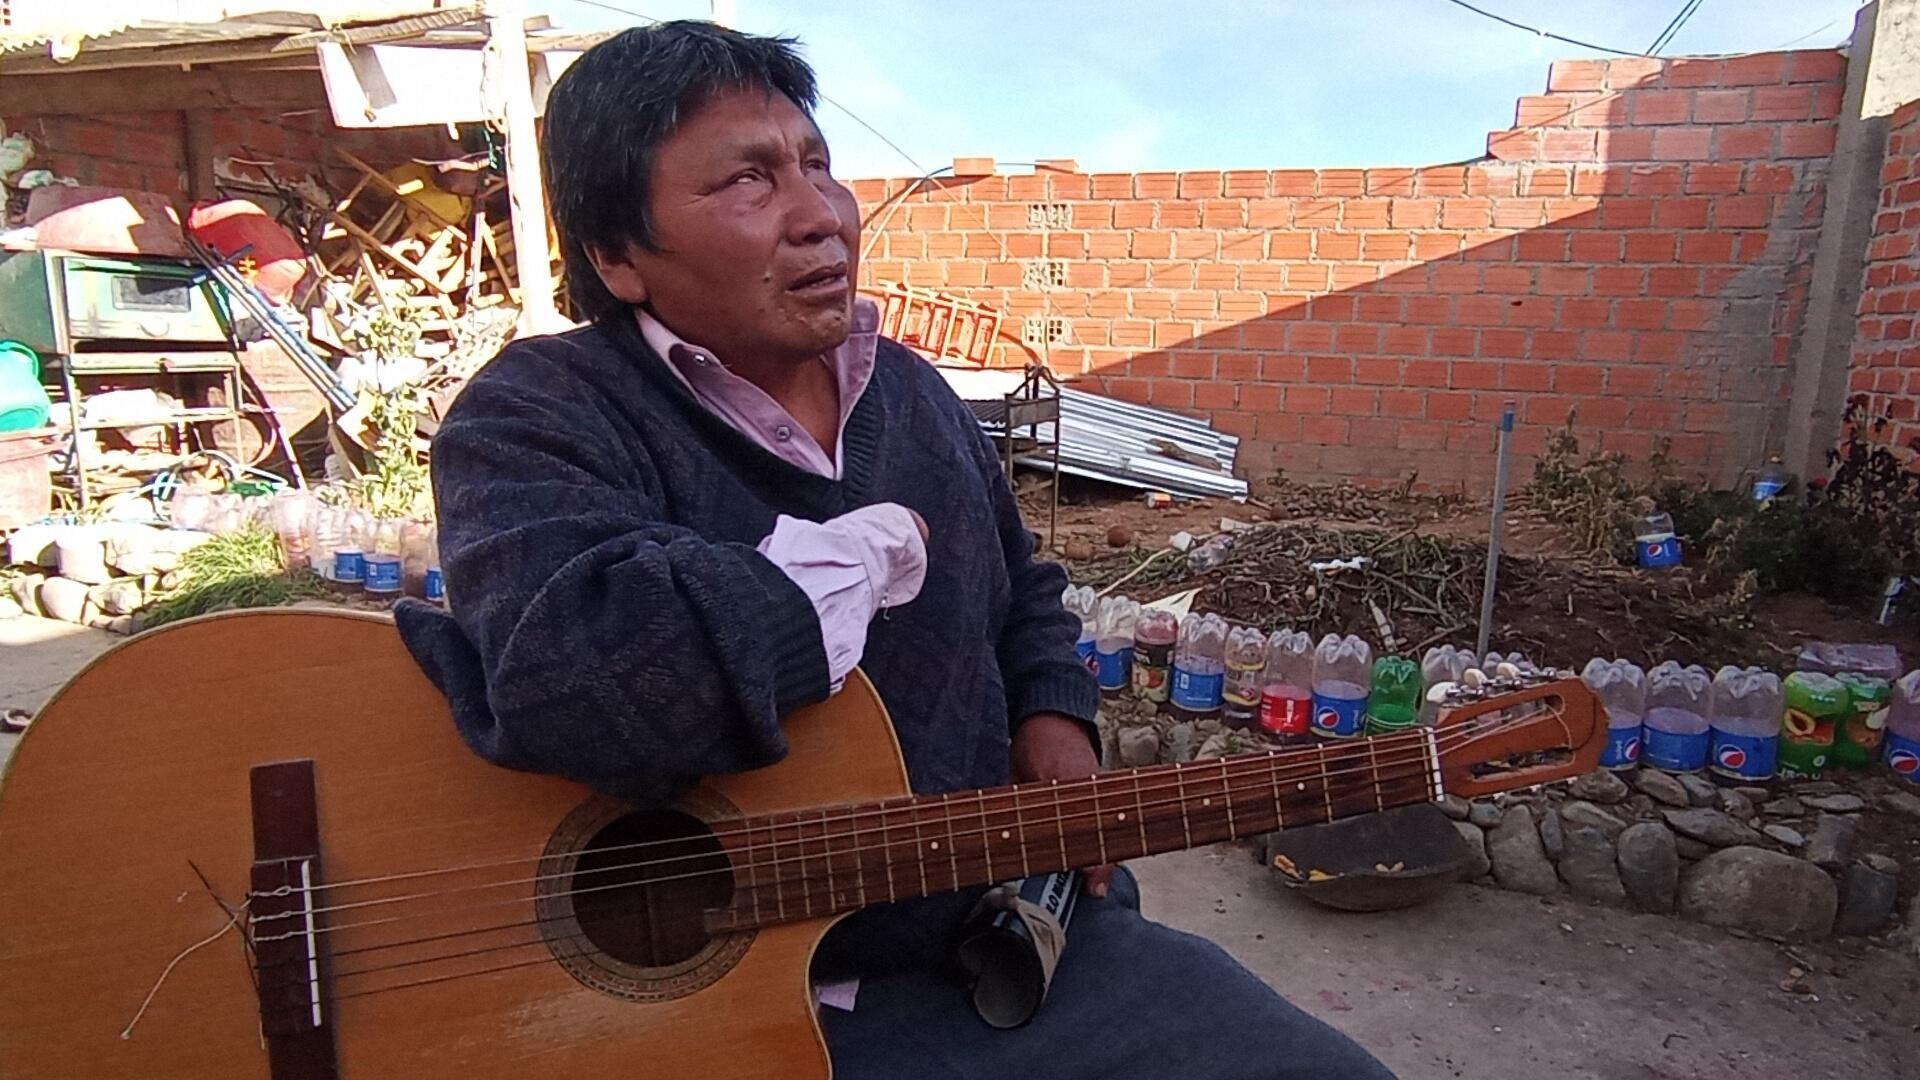 Pablo Matha era minero en Larecaja, La Paz, hasta que en 2006 una dinamita voló su mano y lo dejó ciego - Sputnik Mundo, 1920, 03.05.2021